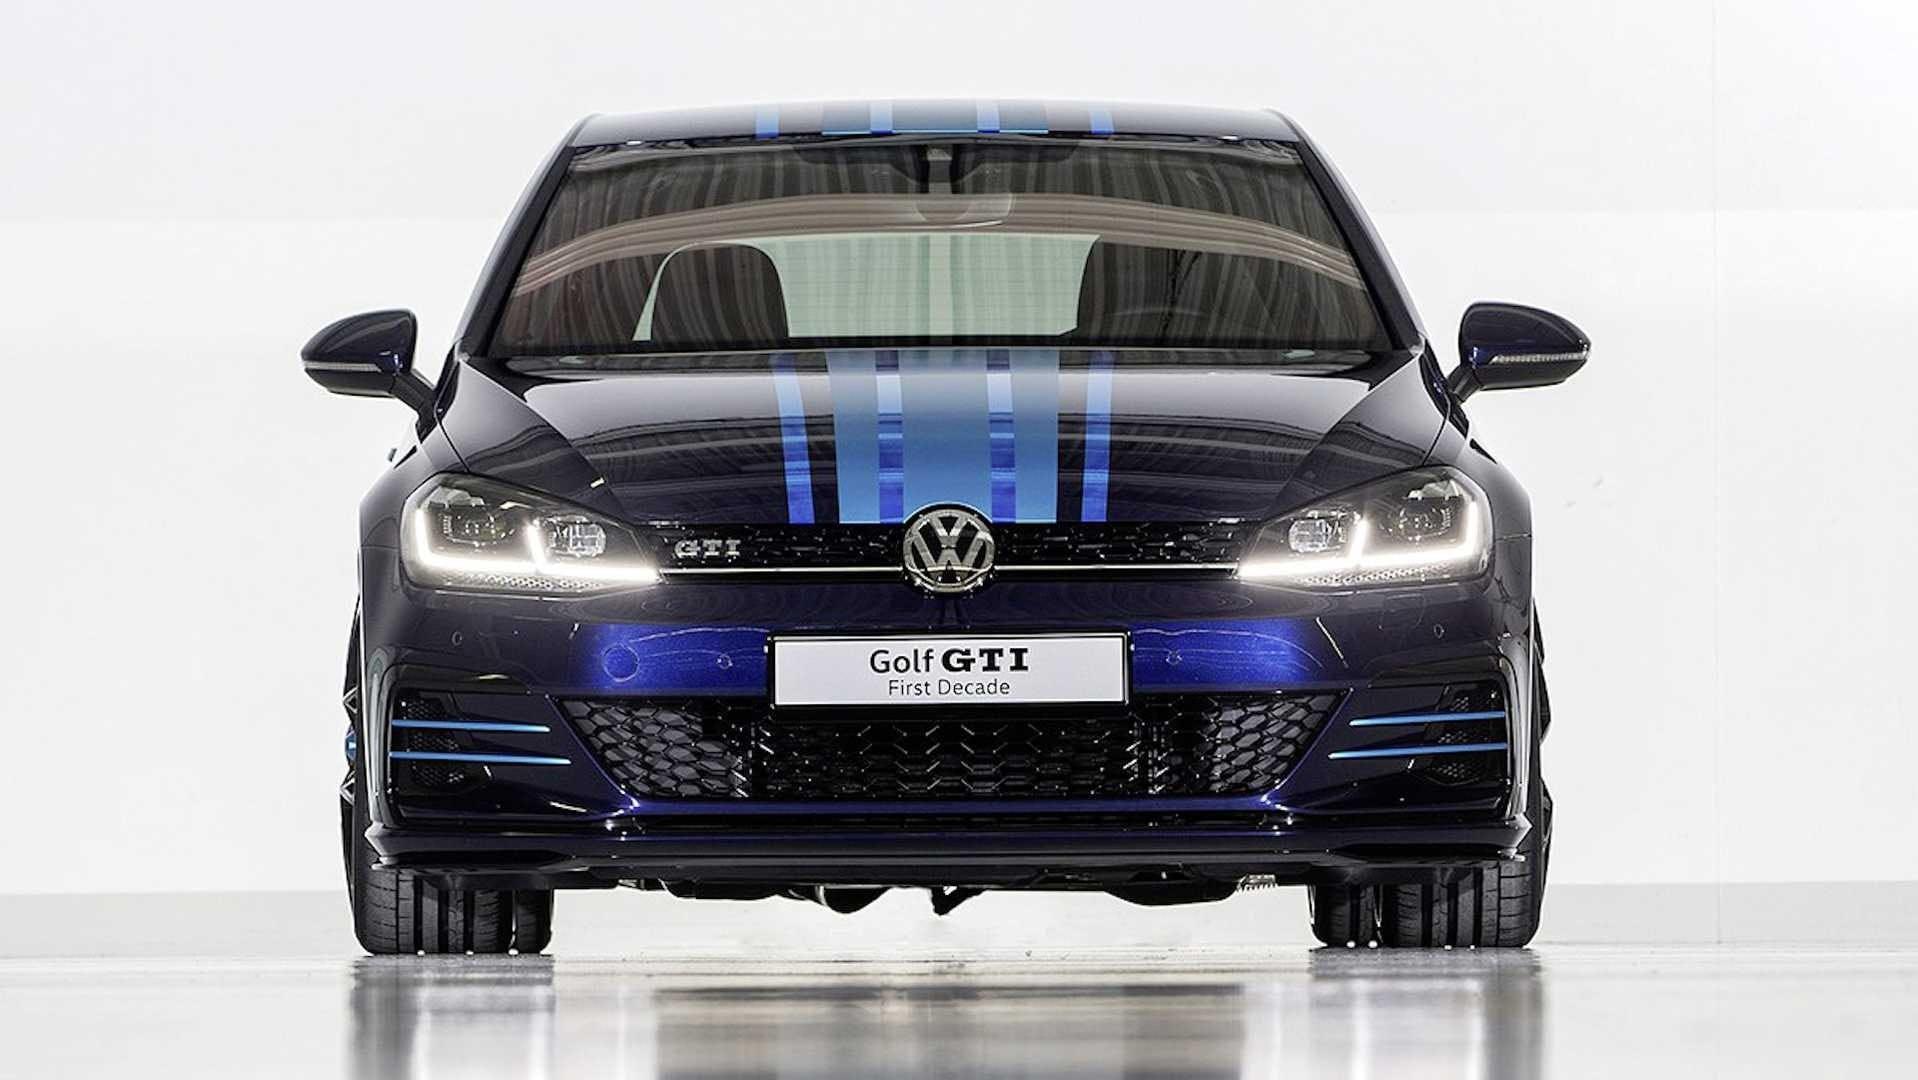 Volkswagen Golf GTI First Decade statica